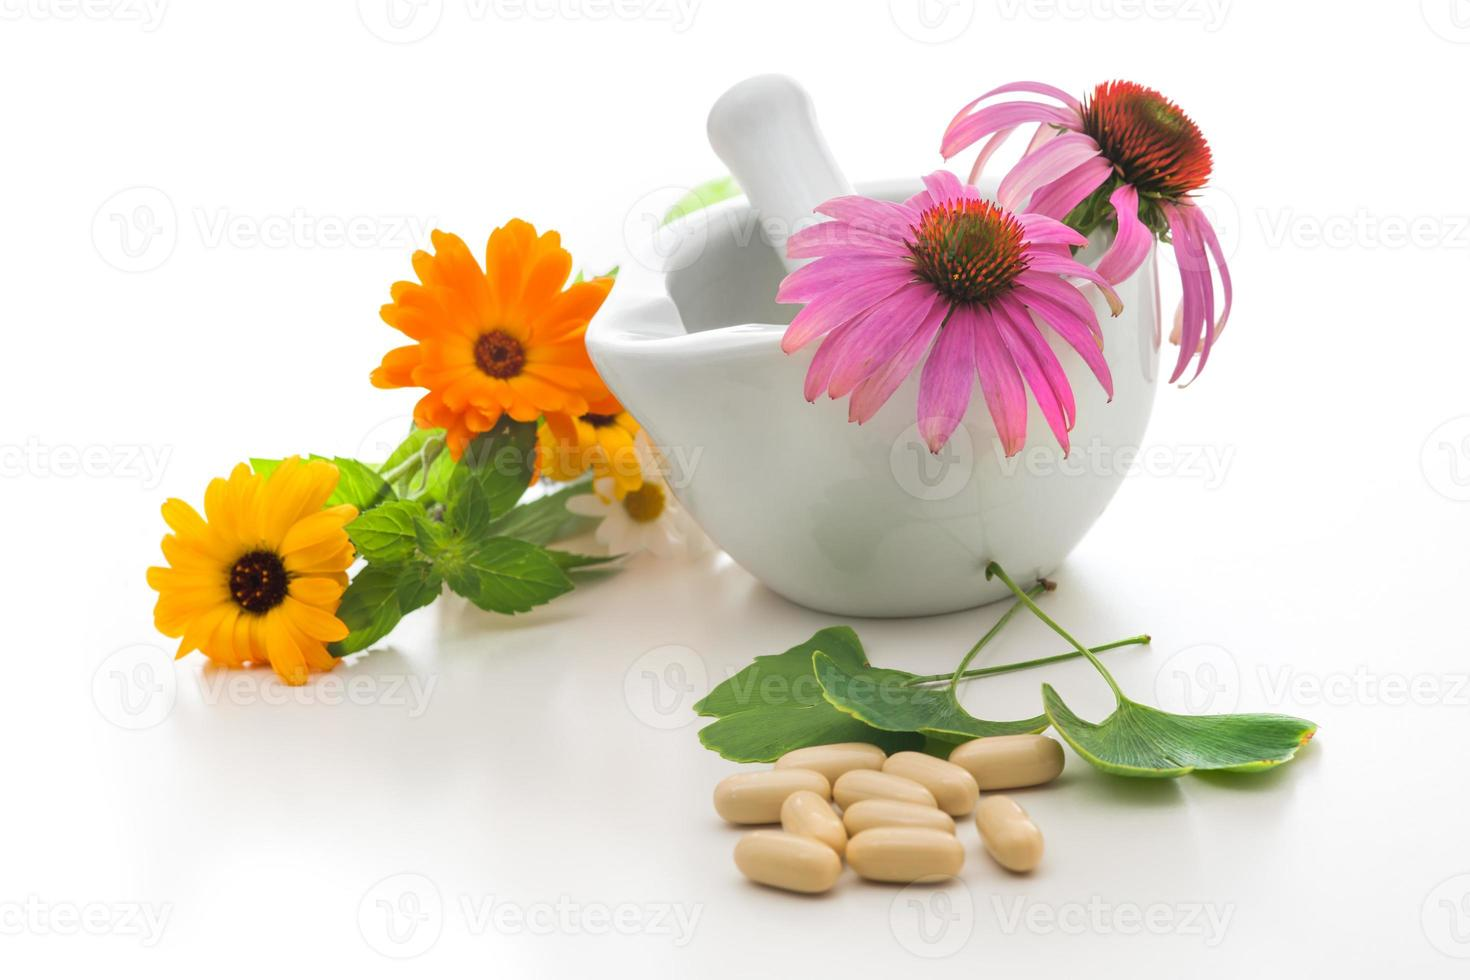 medicina alternativa foto